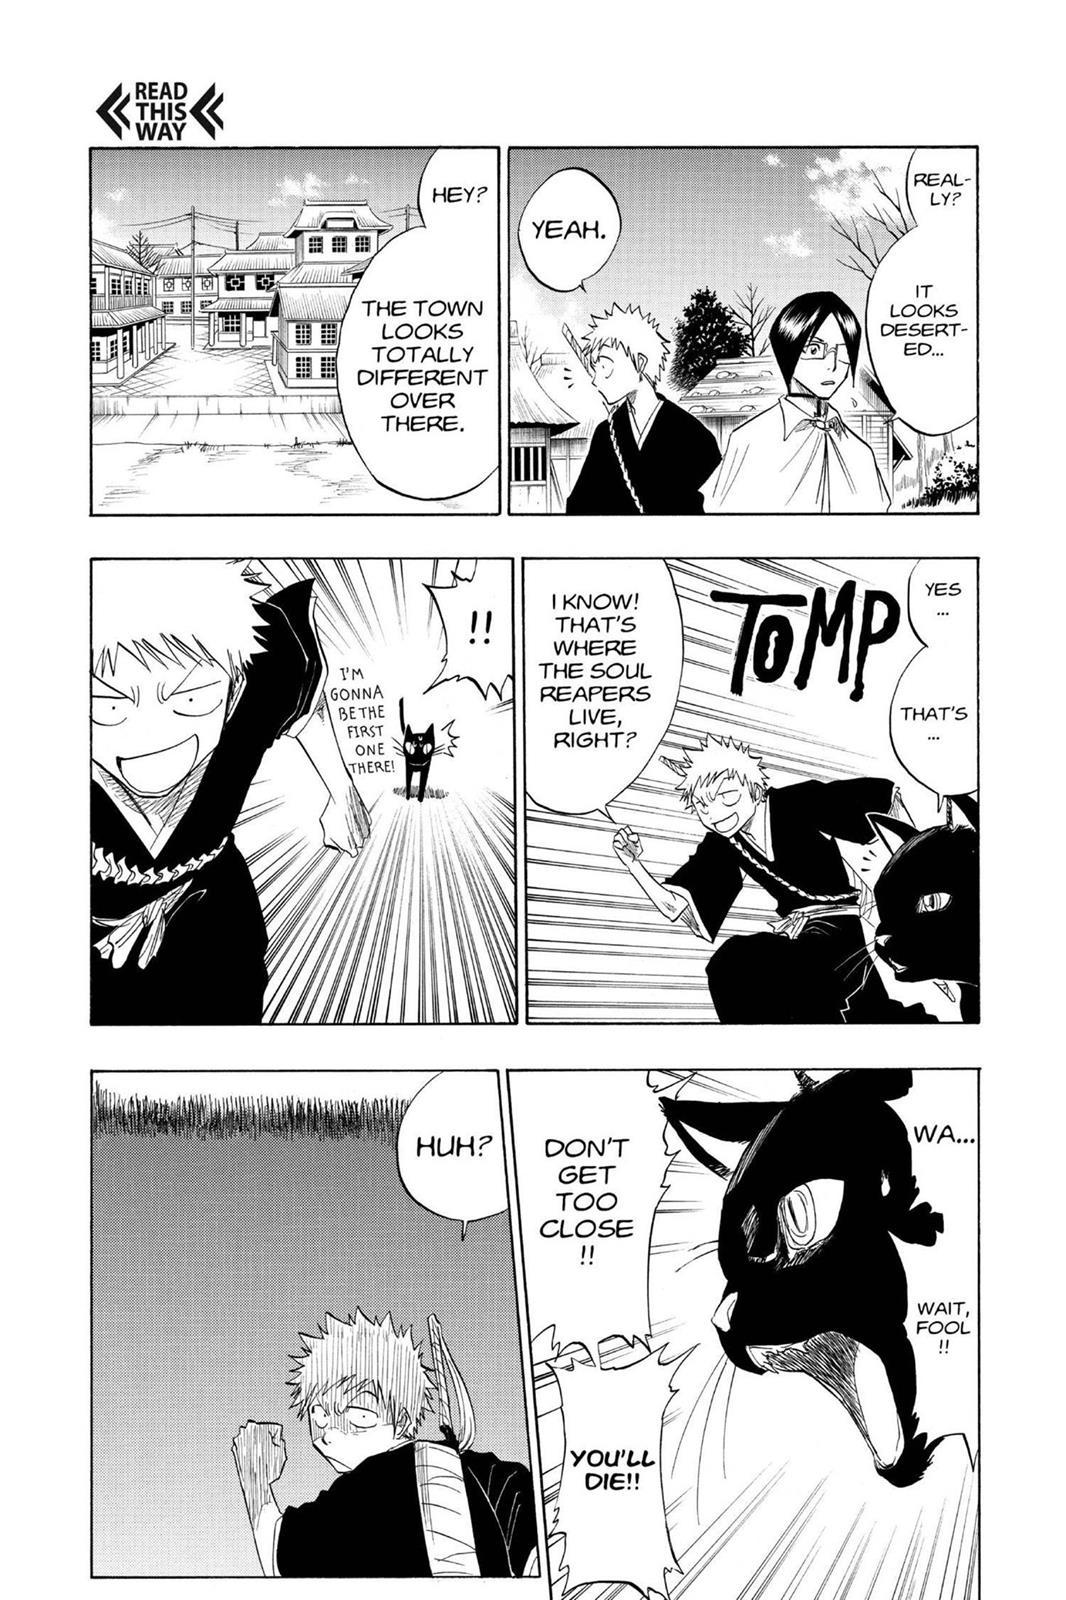 Fairy tail episode 64 animepremium